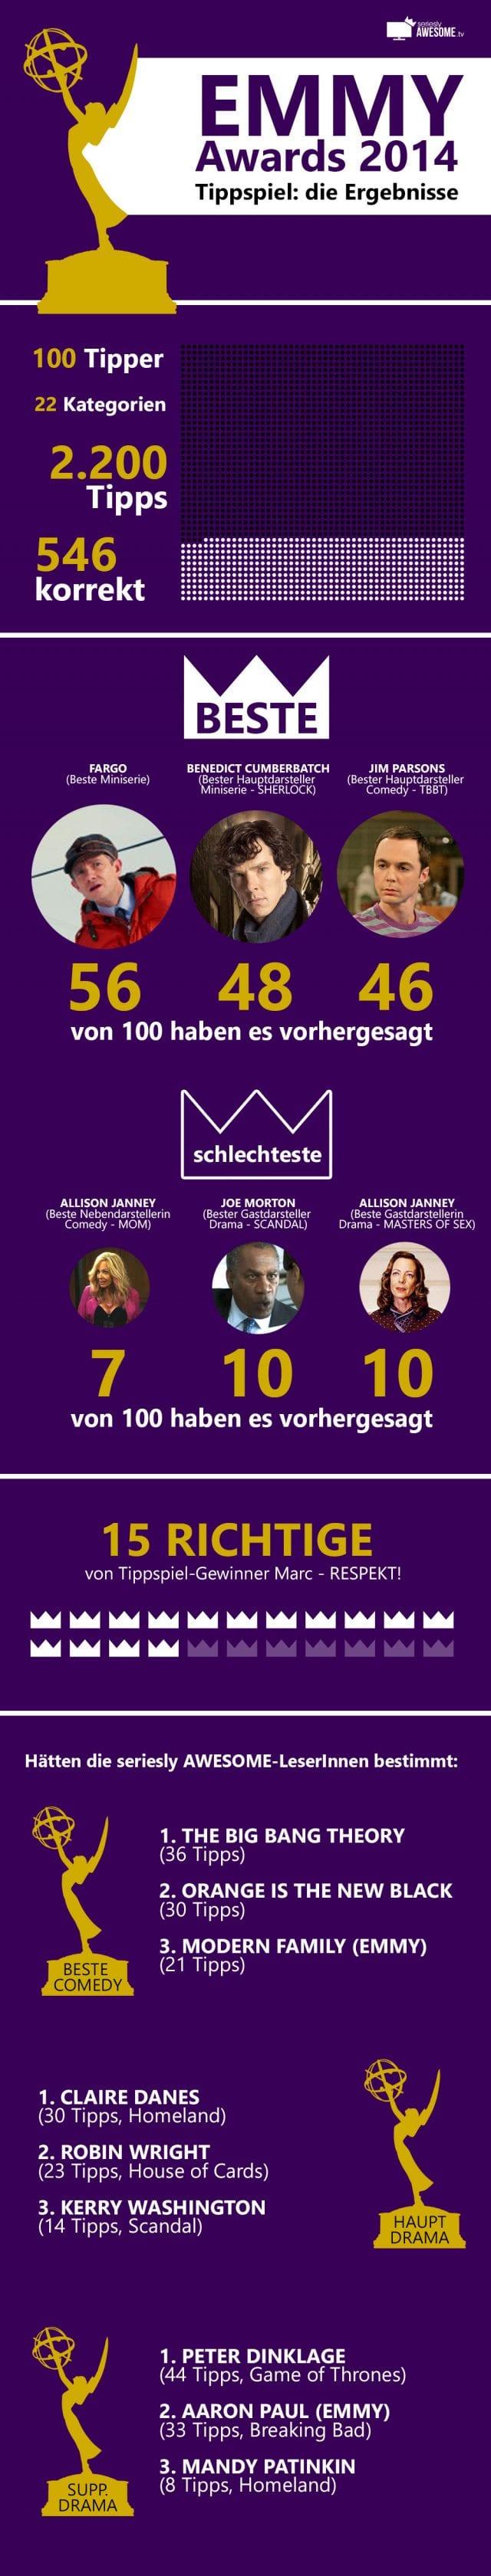 EMMY-Tippspiel_2014